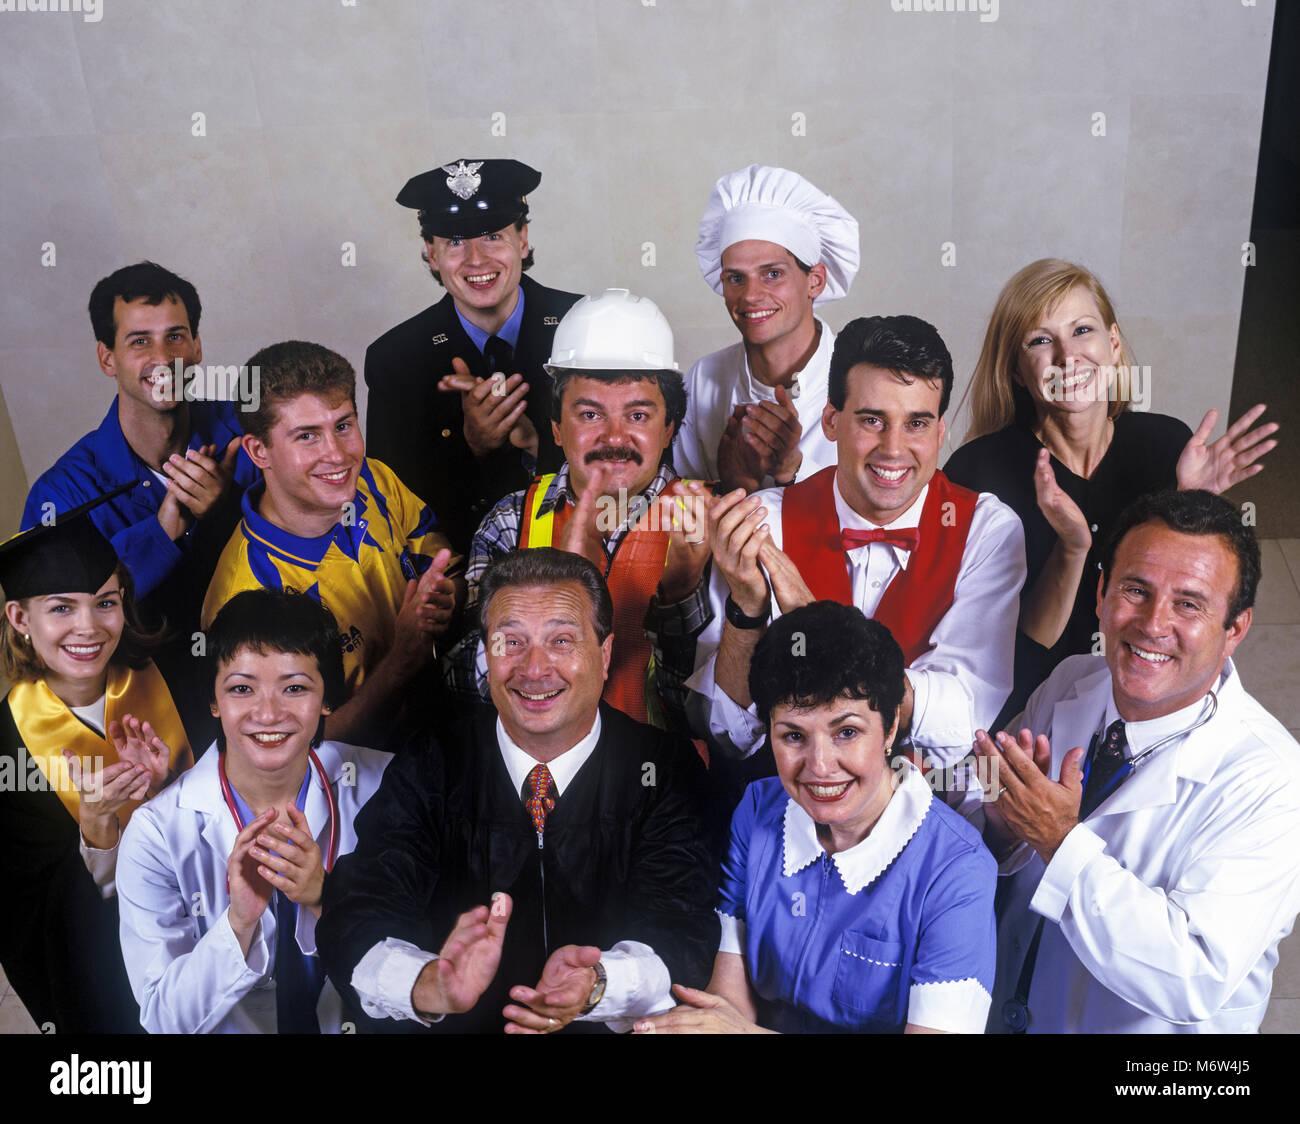 1996 HISTORIQUE GROUPE MULTI MÉTIERS ETHNIQUES Photo Stock